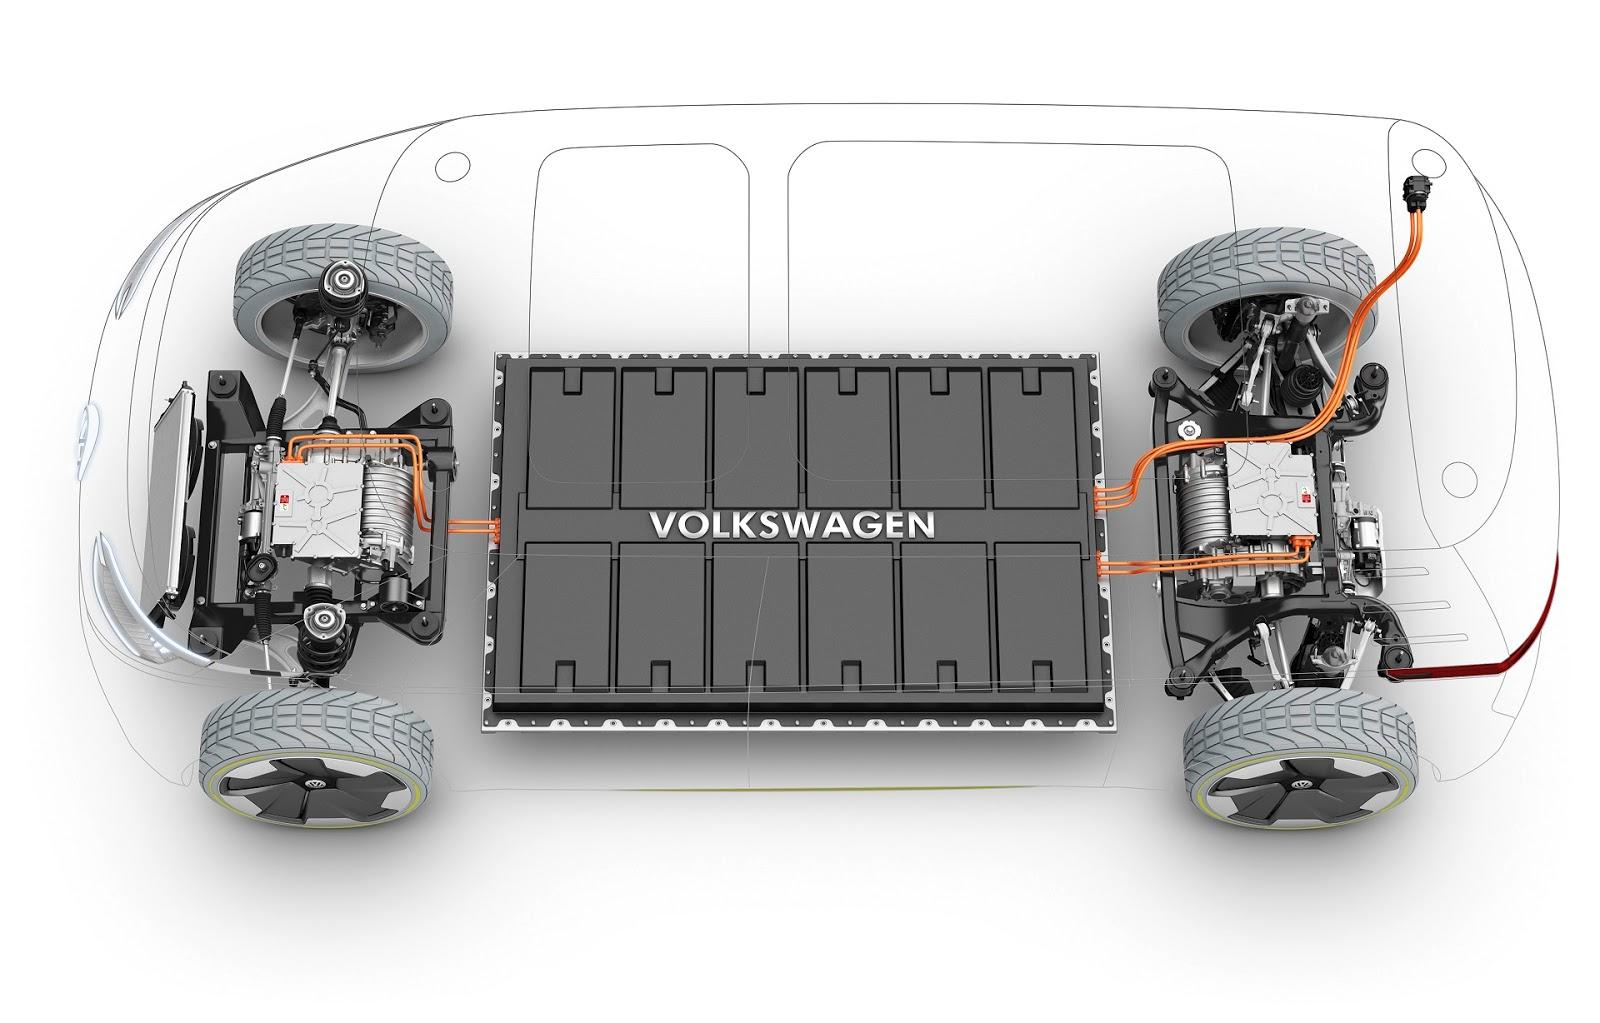 VOLKSWAGEN2B 2BLITHIUM2BQ2526A 1 Ένα Q&A για τις μπαταρίες, με την Volkswagen Volkswagen, ειδήσεις, ηλεκτρικά, μπαταρία